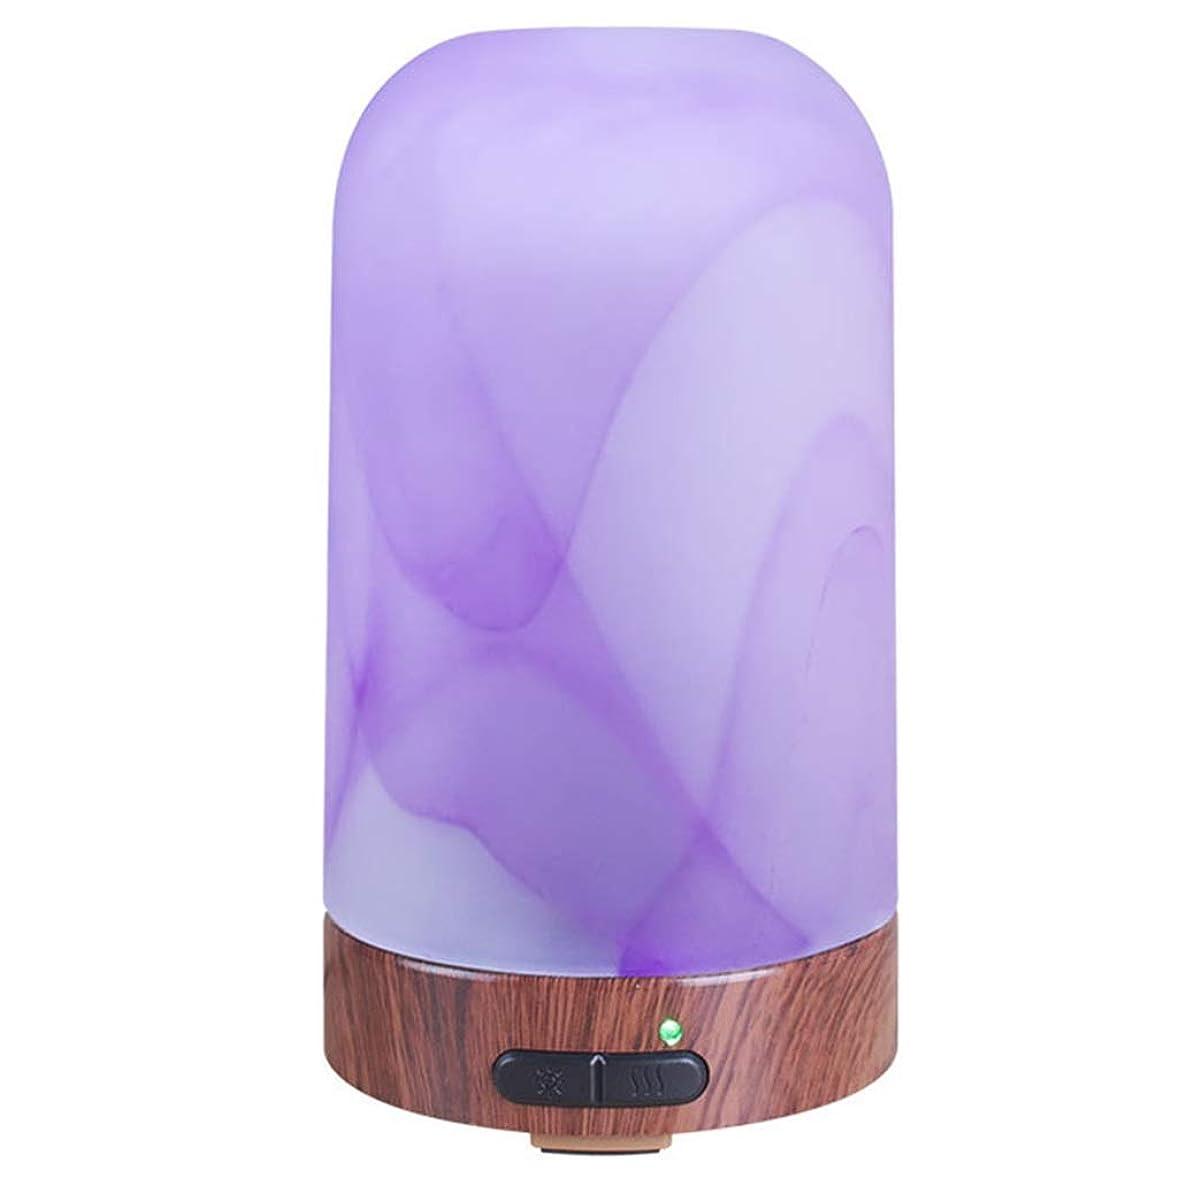 ダーツ疑問を超えて小屋アロマセラピーエッセンシャルオイルディフューザー、ウッドグレインアロマディフューザークールミスト加湿器付きナイトライトウォーターレスオートシャットオフホームオフィスヨガ (Color : Purple)